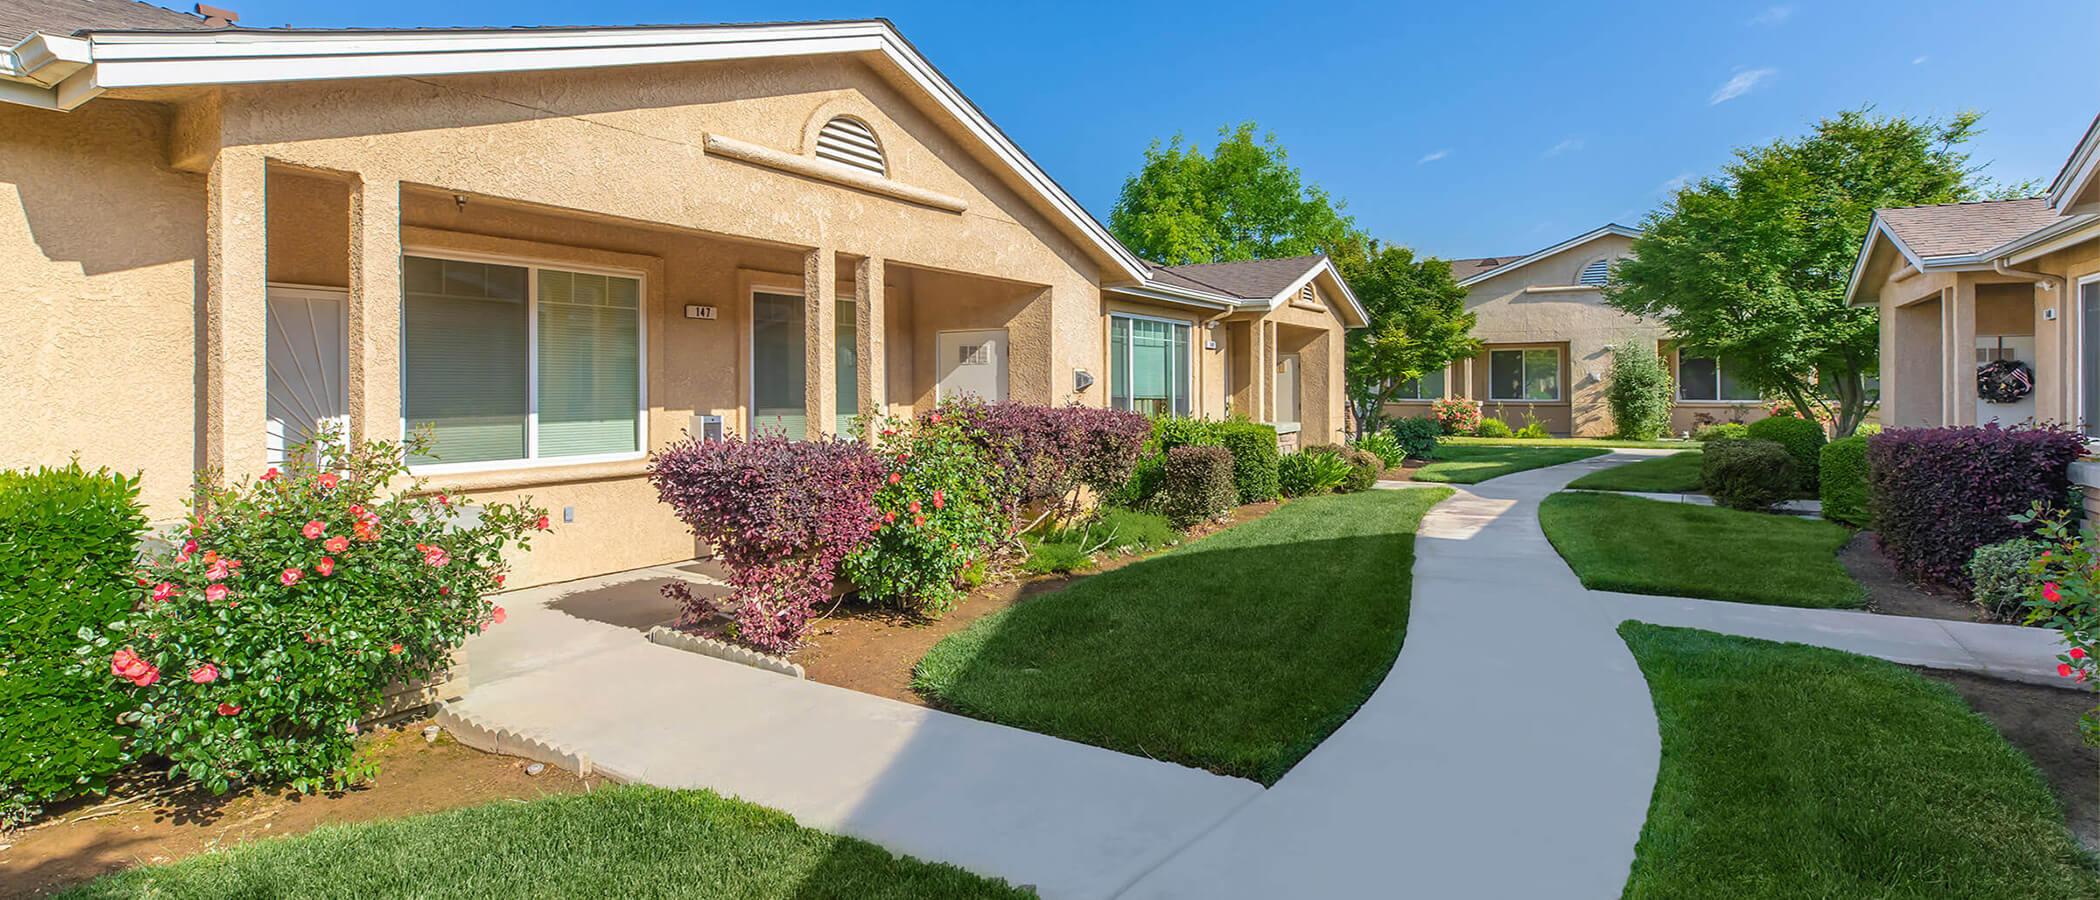 Arbor Faire Senior Apartments - Apartment Homes in Fresno, CA